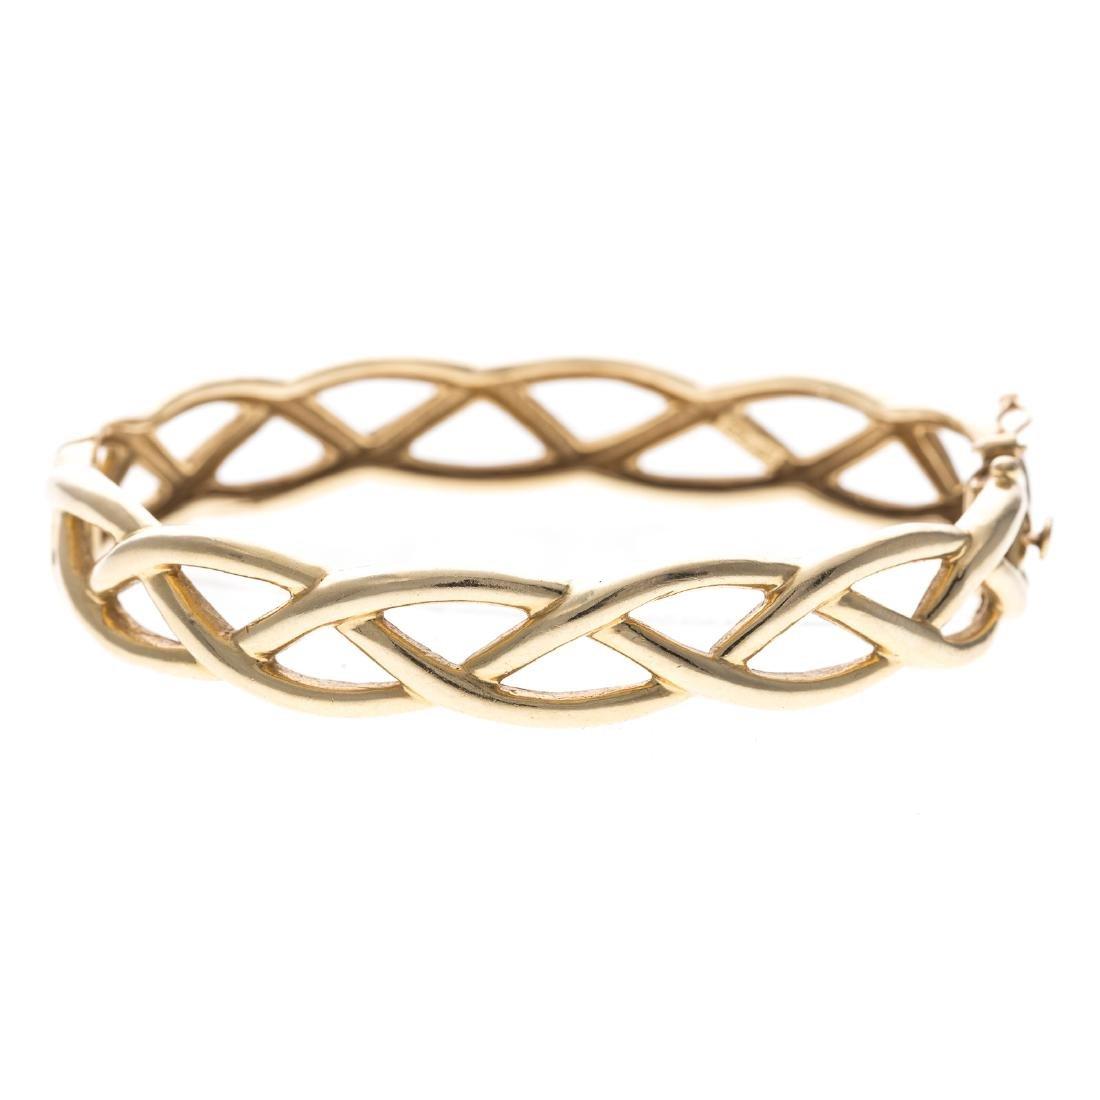 A Lady's 14K Open Weave Bangle Bracelet